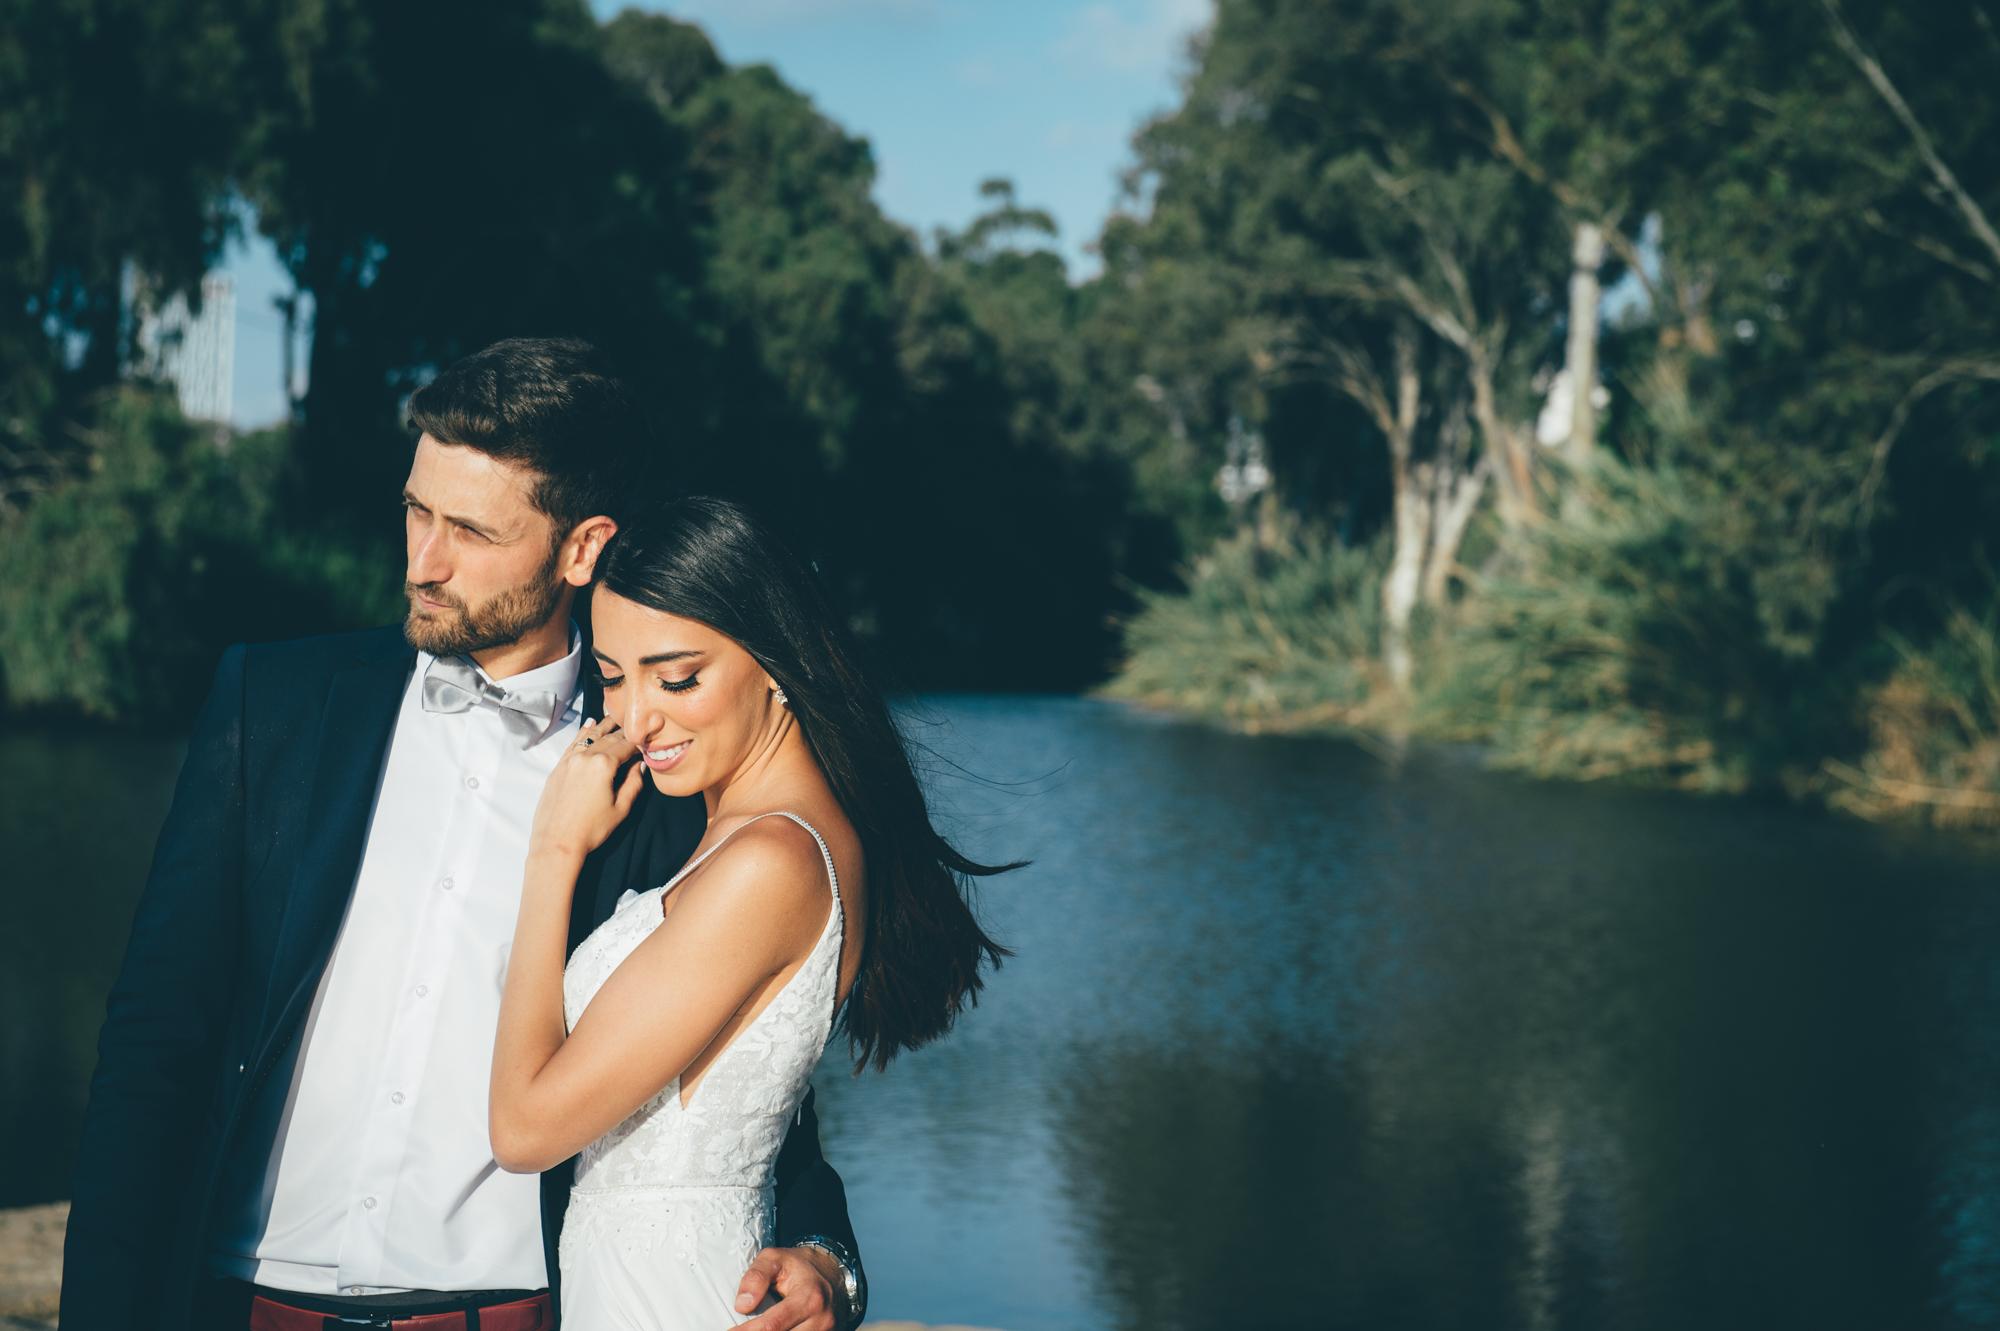 Wedding photos by - Asaf Kliger-48.jpg